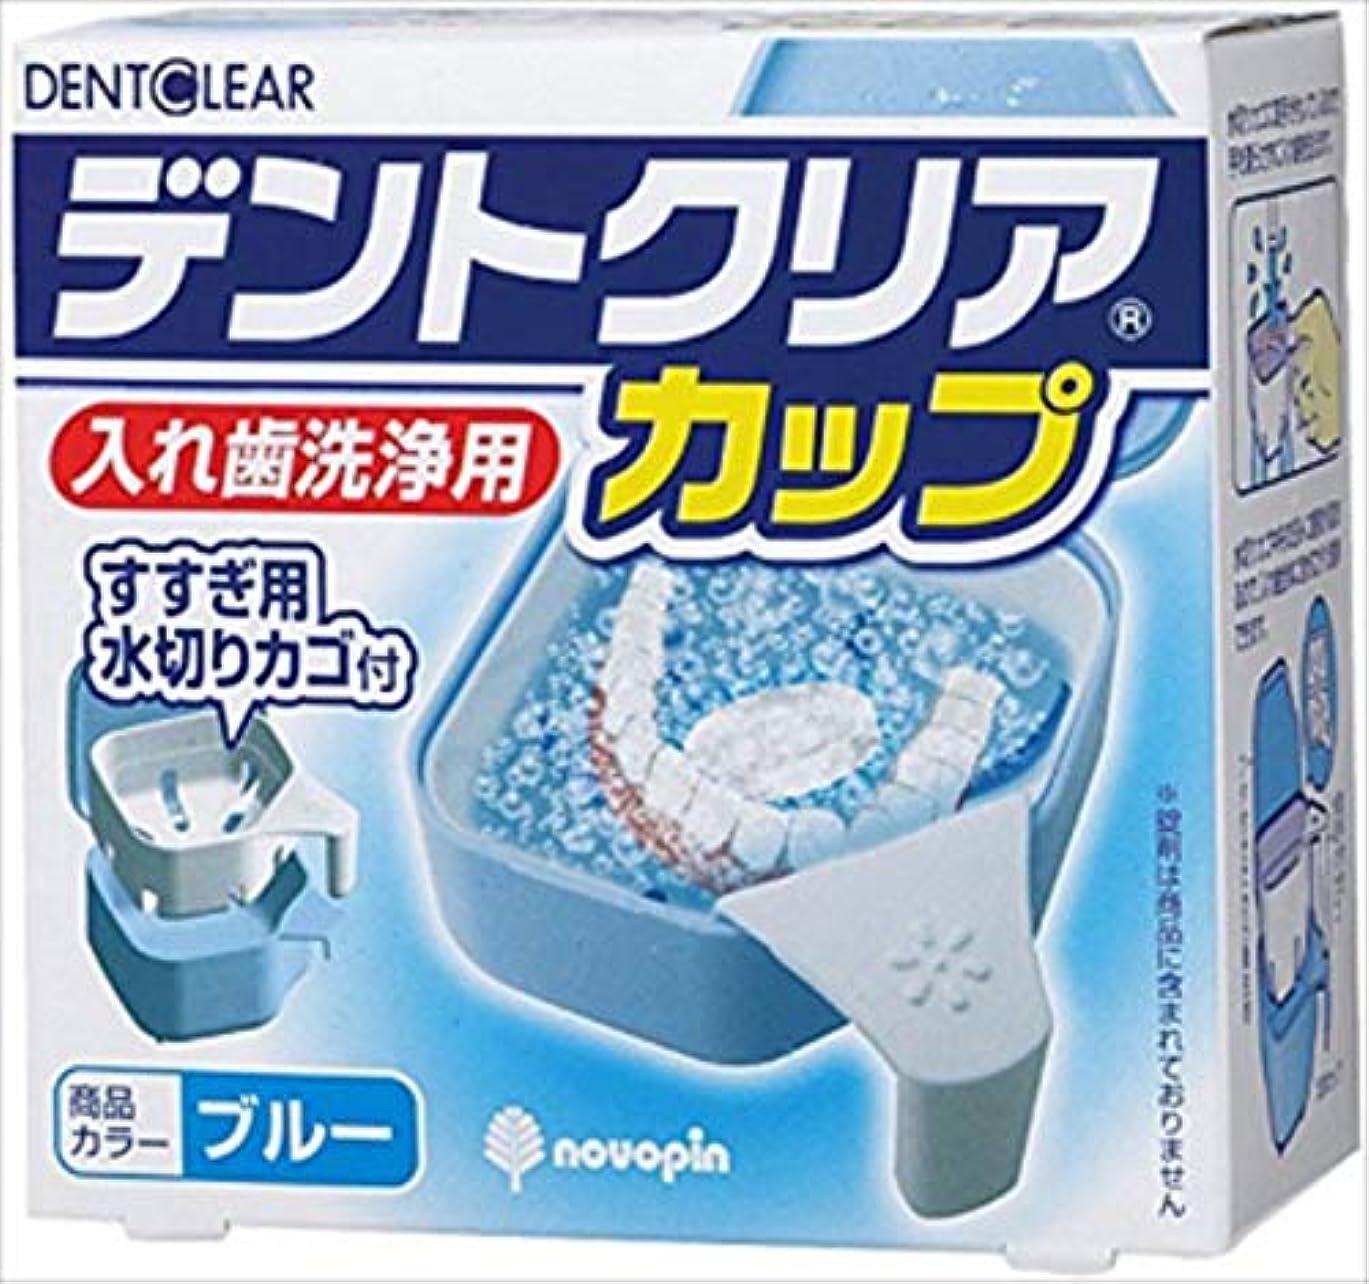 バラバラにする苦悩把握紀陽除虫菊 入れ歯ケース 日本製 デントクリア カップ (ブルー/水切りカゴ付) コンパクト